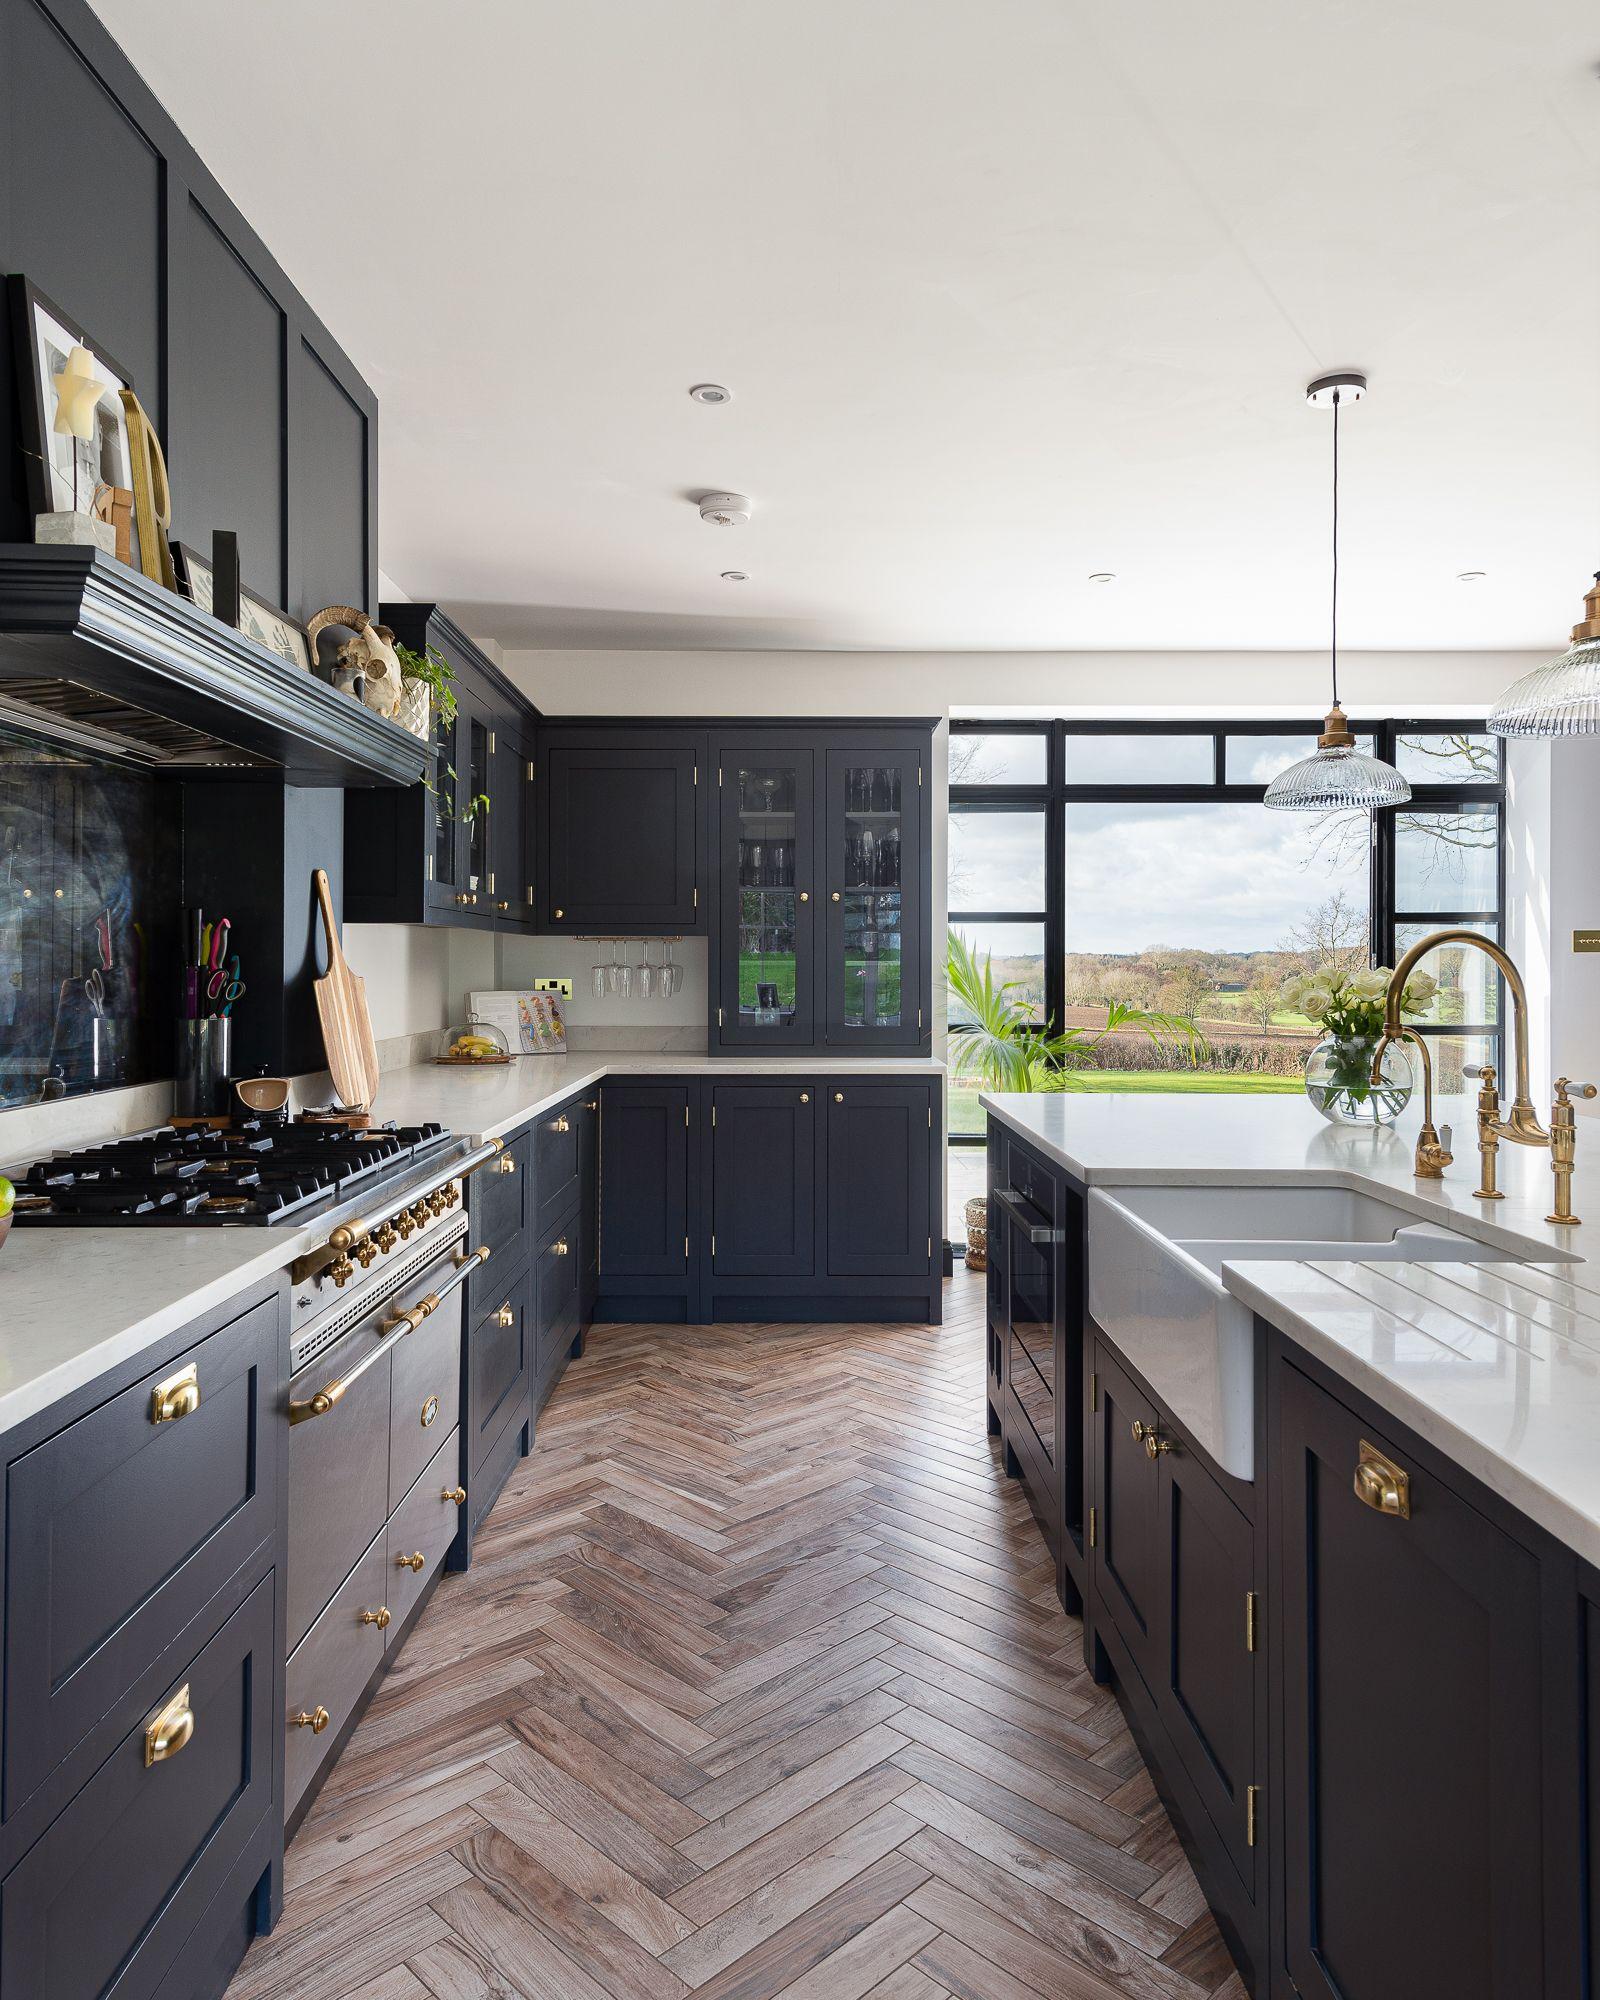 Dark Shaker kitchen with parquet floor